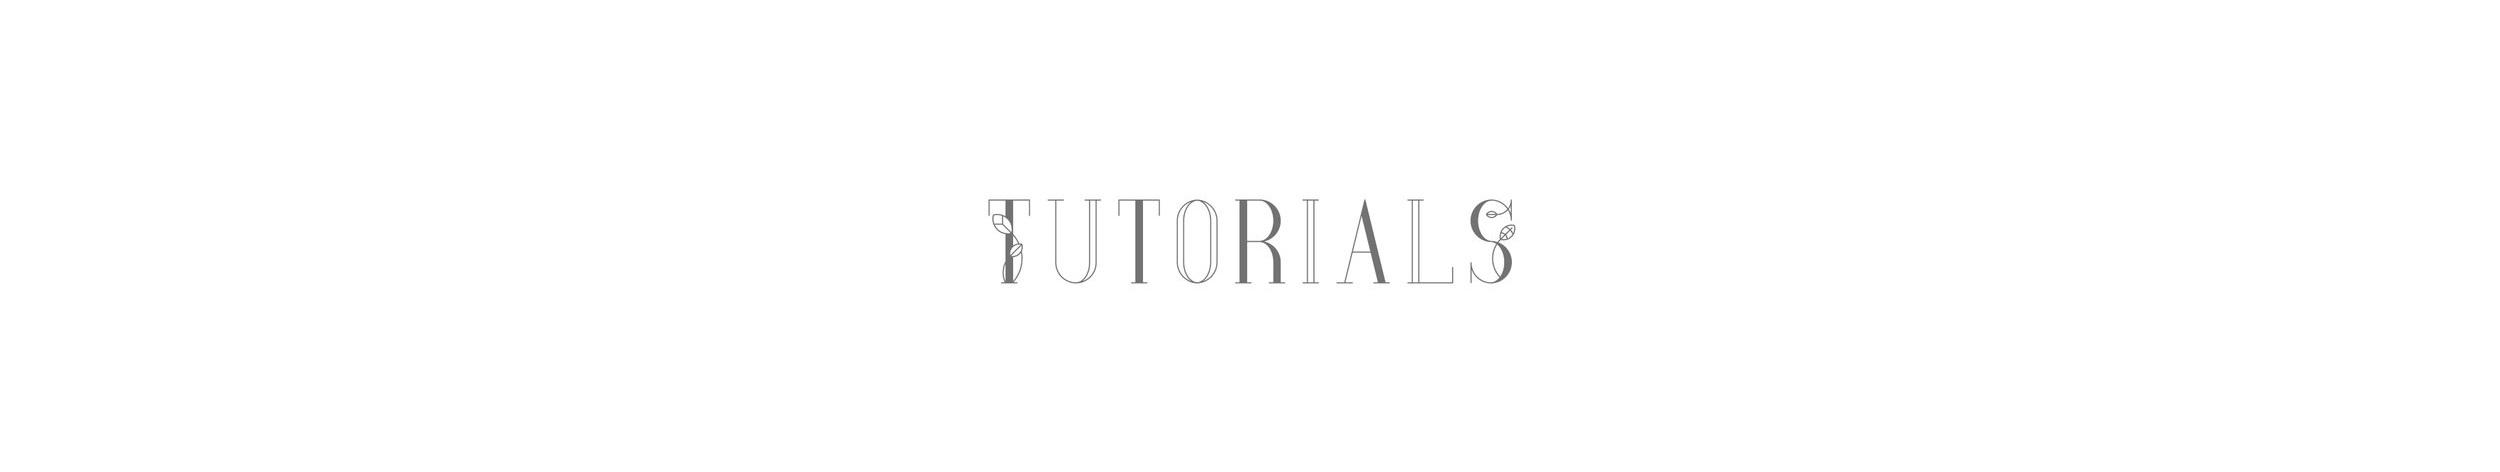 Tutorials+2.jpg